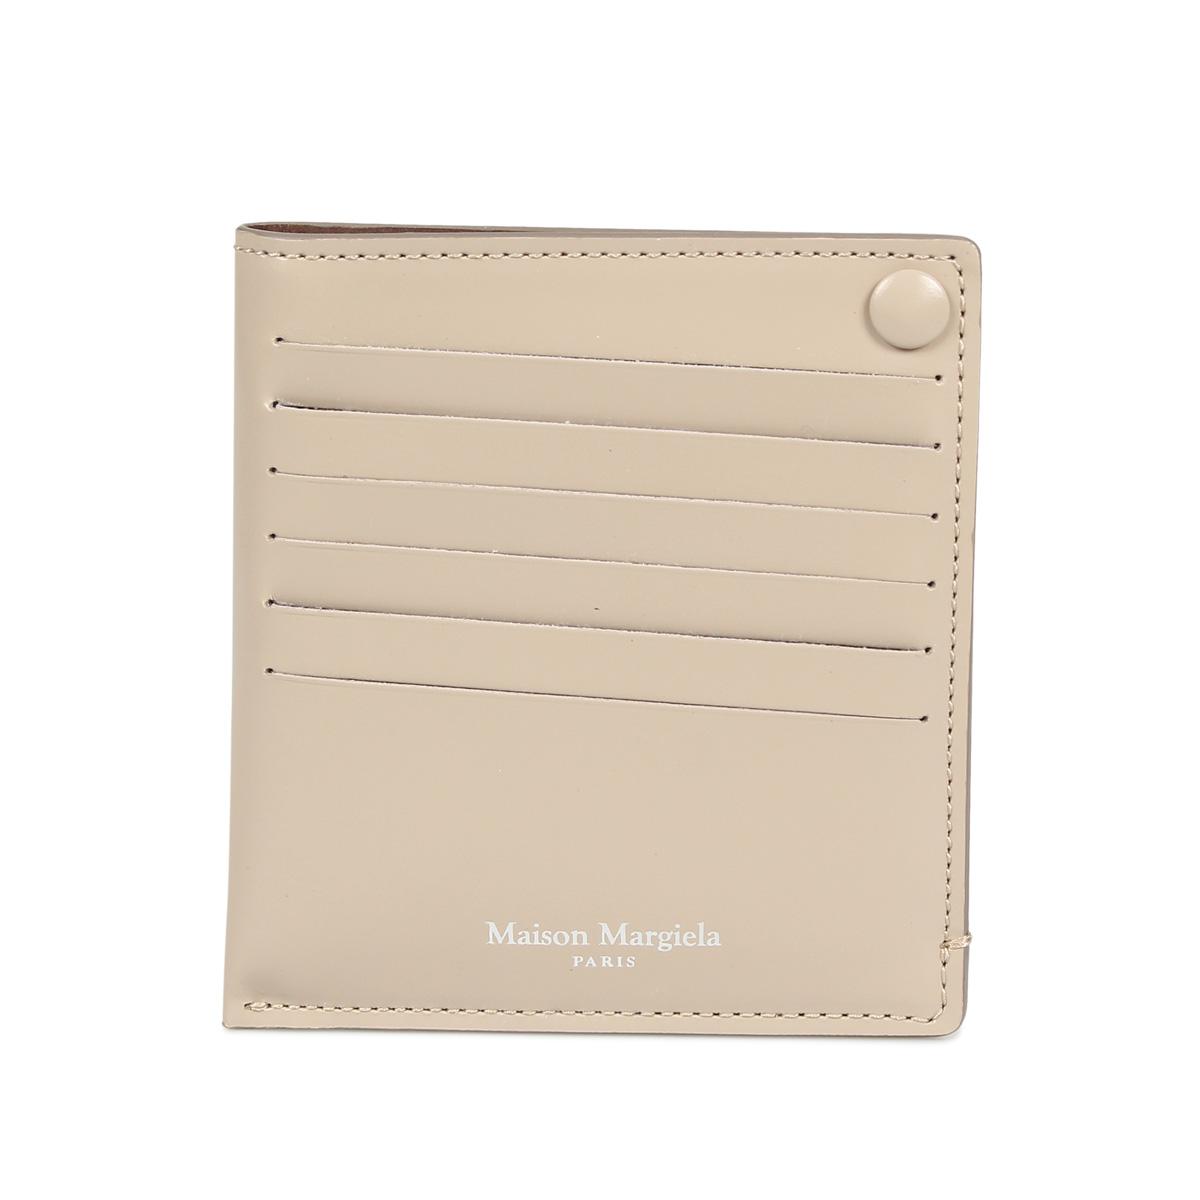 【送料無料】 【あす楽対応】 メゾンマルジェラ MAISON MARGIELA カードケース パスケース MAISON MARGIELA CARD CASE メゾンマルジェラ カードケース 名刺入れ 定期入れ メンズ レディース レザー ブラック ダーク ネイビー ベージュ 黒 S55UI0201 P2714 [10/9 新入荷] [1910]